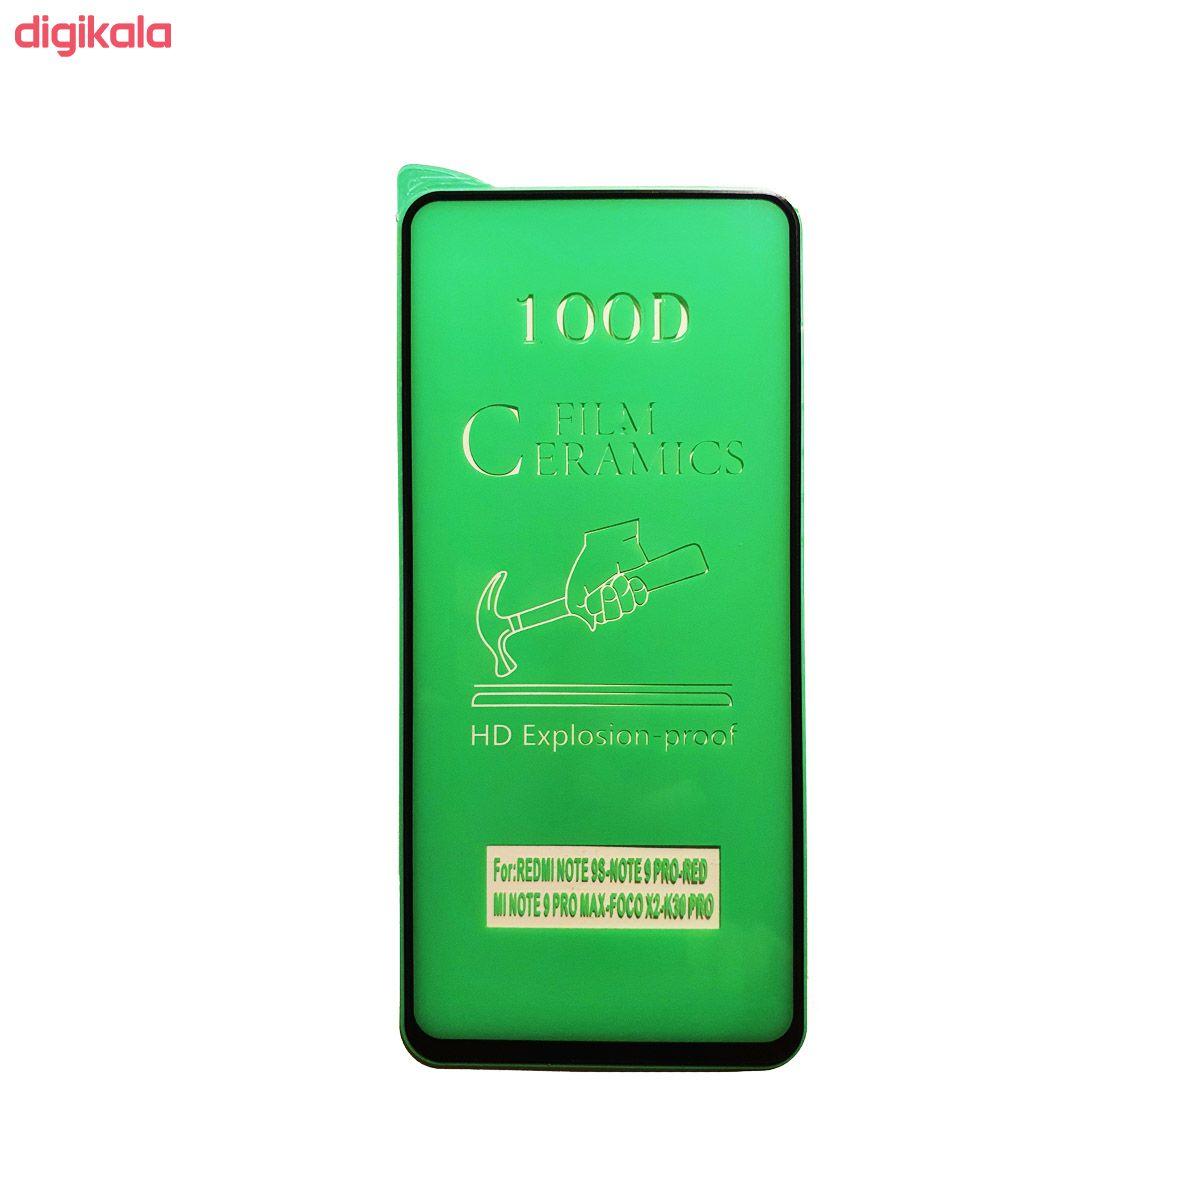 محافظ صفحه نمایش سرامیکی مدل FLCRG01pr مناسب برای گوشی موبایل شیائومی Redmi Note 9 Pro main 1 1